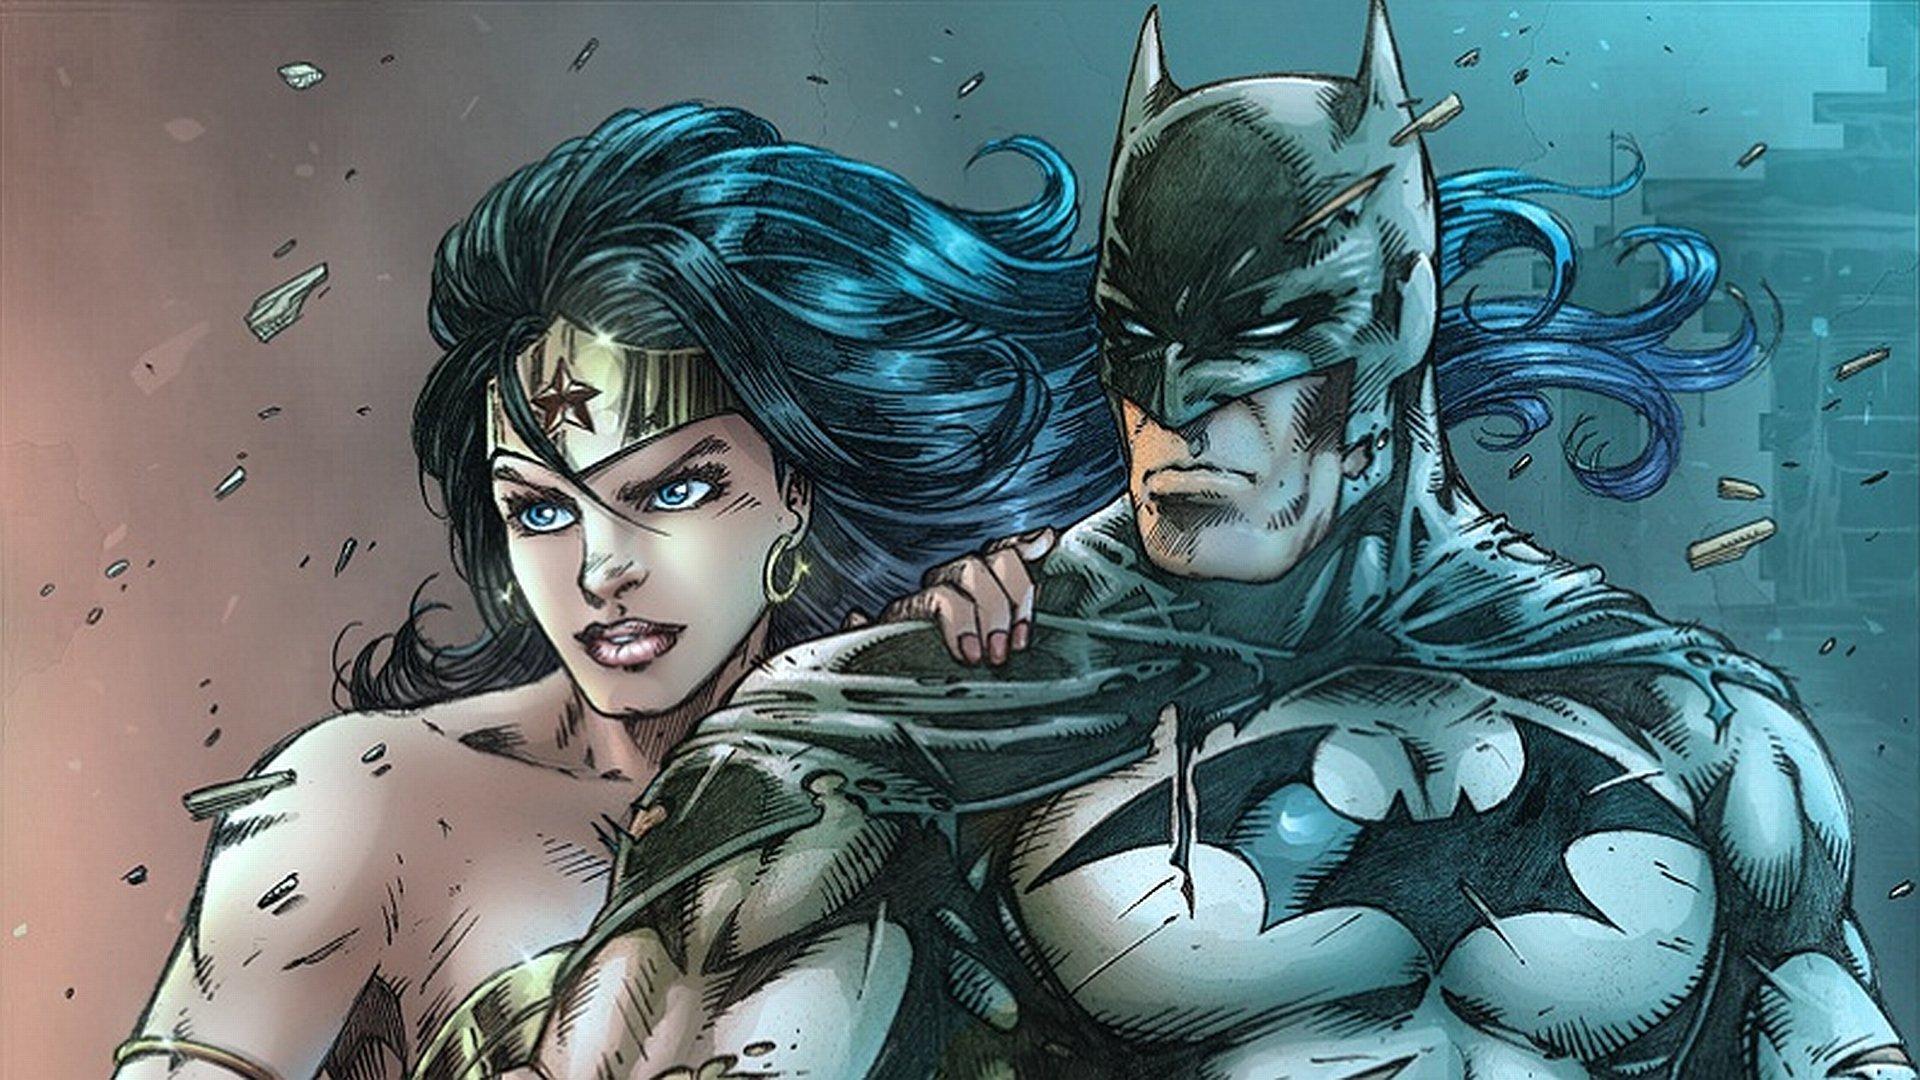 Free Wonder Woman Wallpaper: Batman Wonder Woman Wallpaper